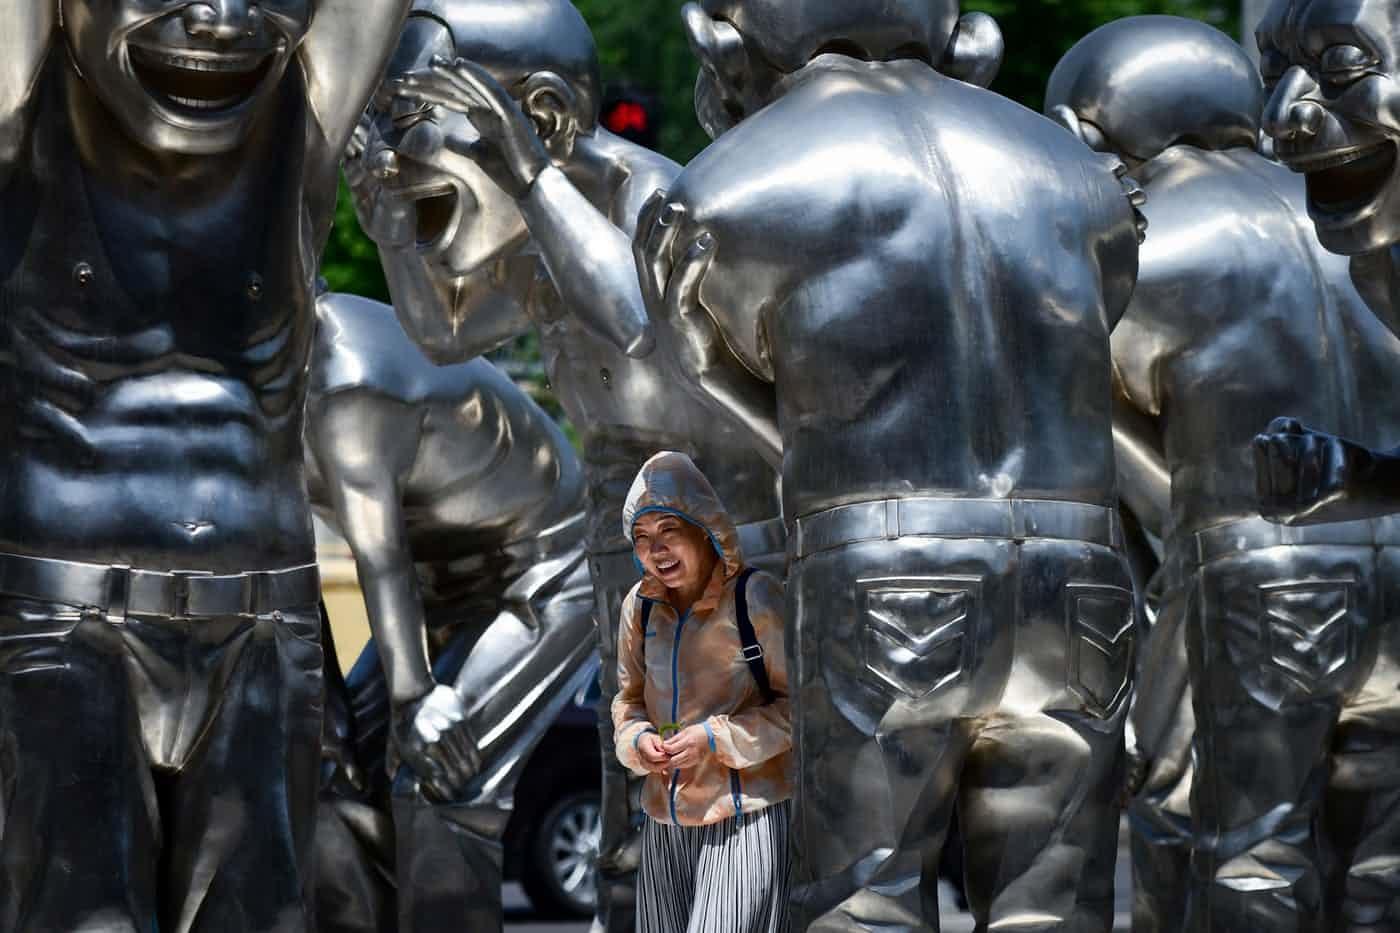 عکس روز: مجسمههای خندان